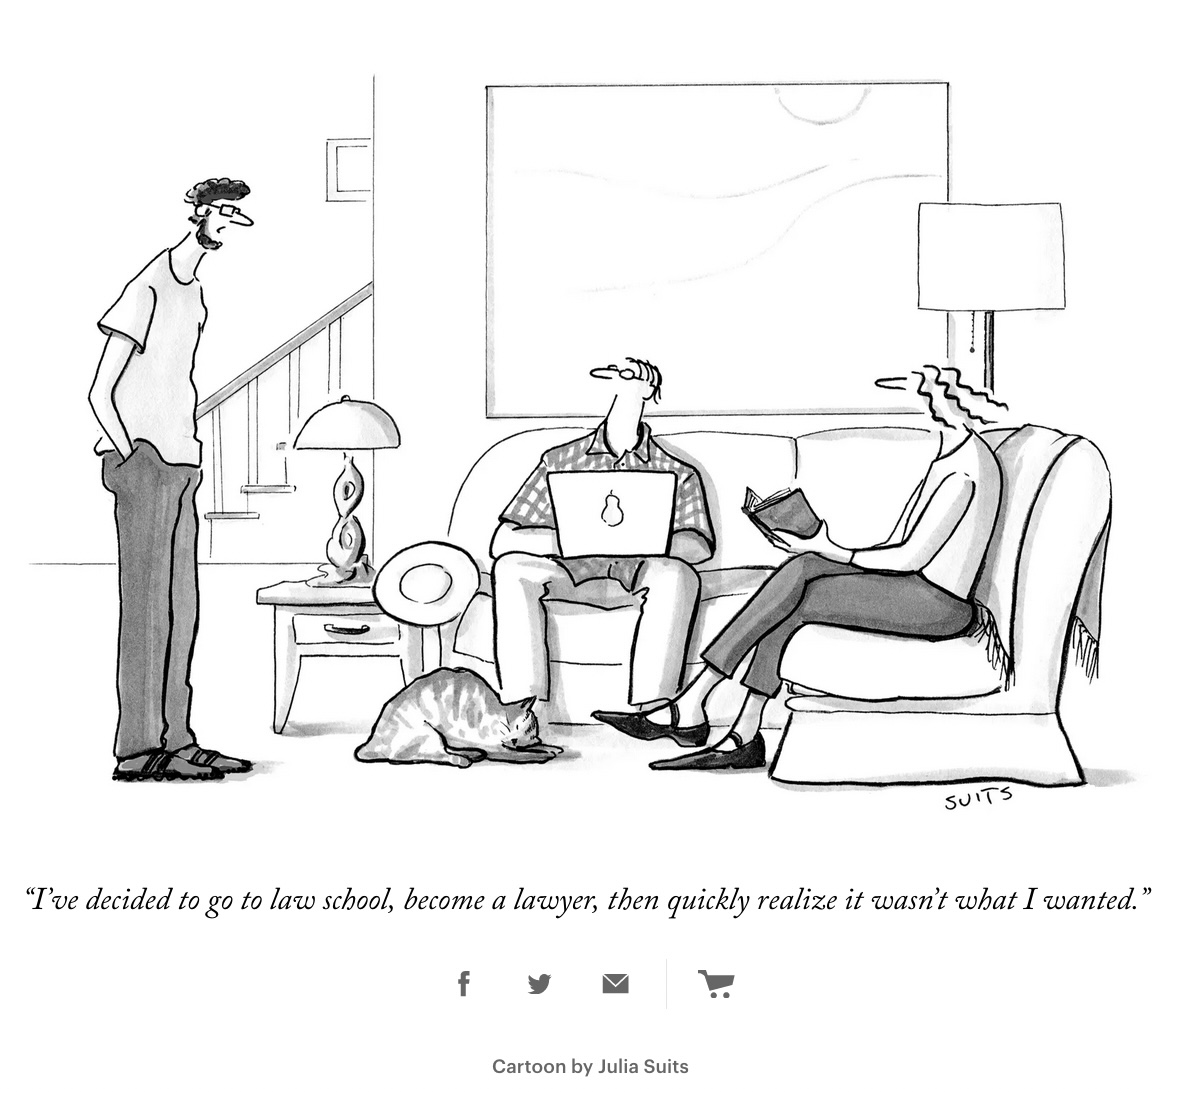 Dessin d'humour de Julia Suits, The New Yorker, 14 juin 2021